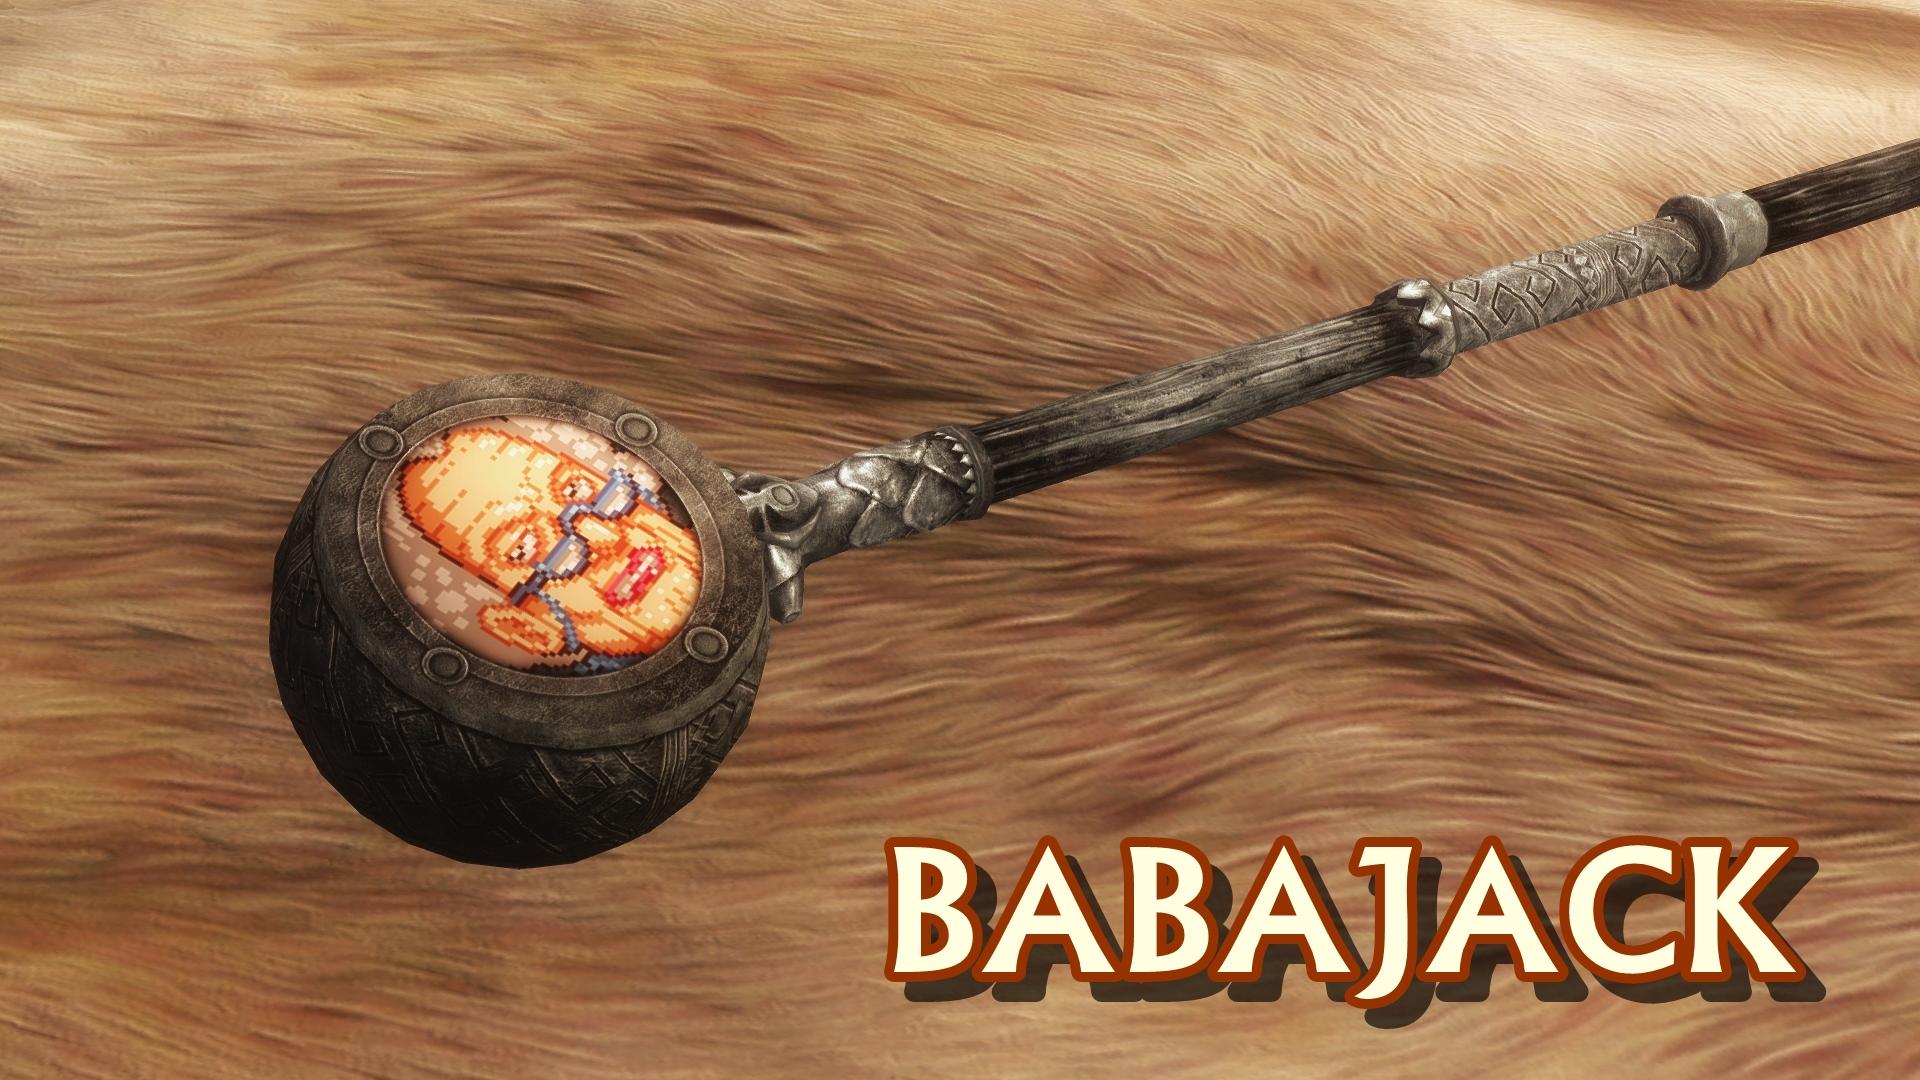 Babajack